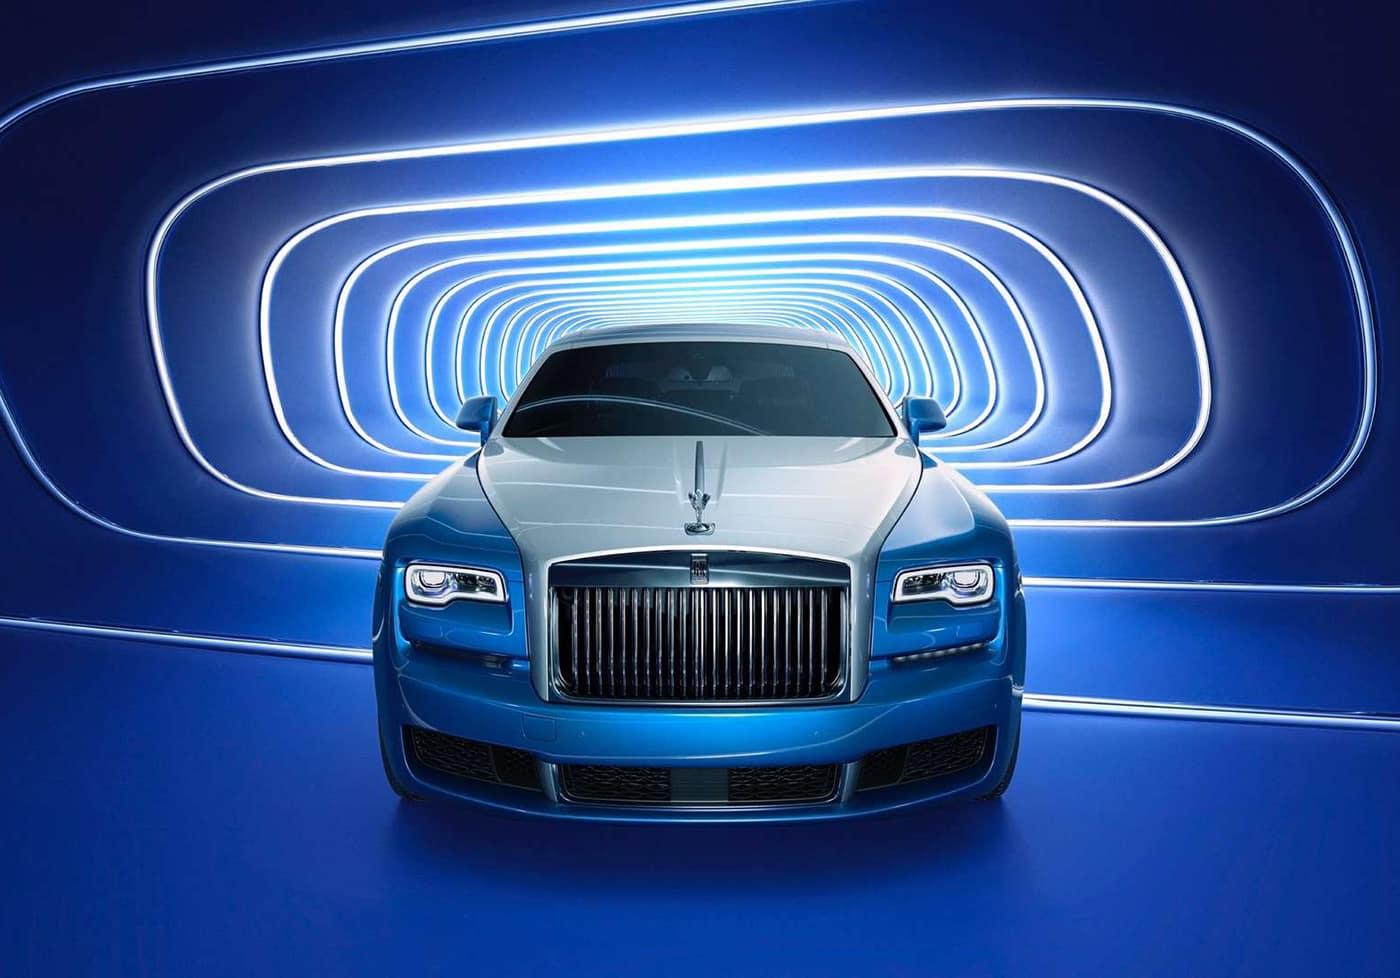 2020 Rolls Royce In Blue Tunnel